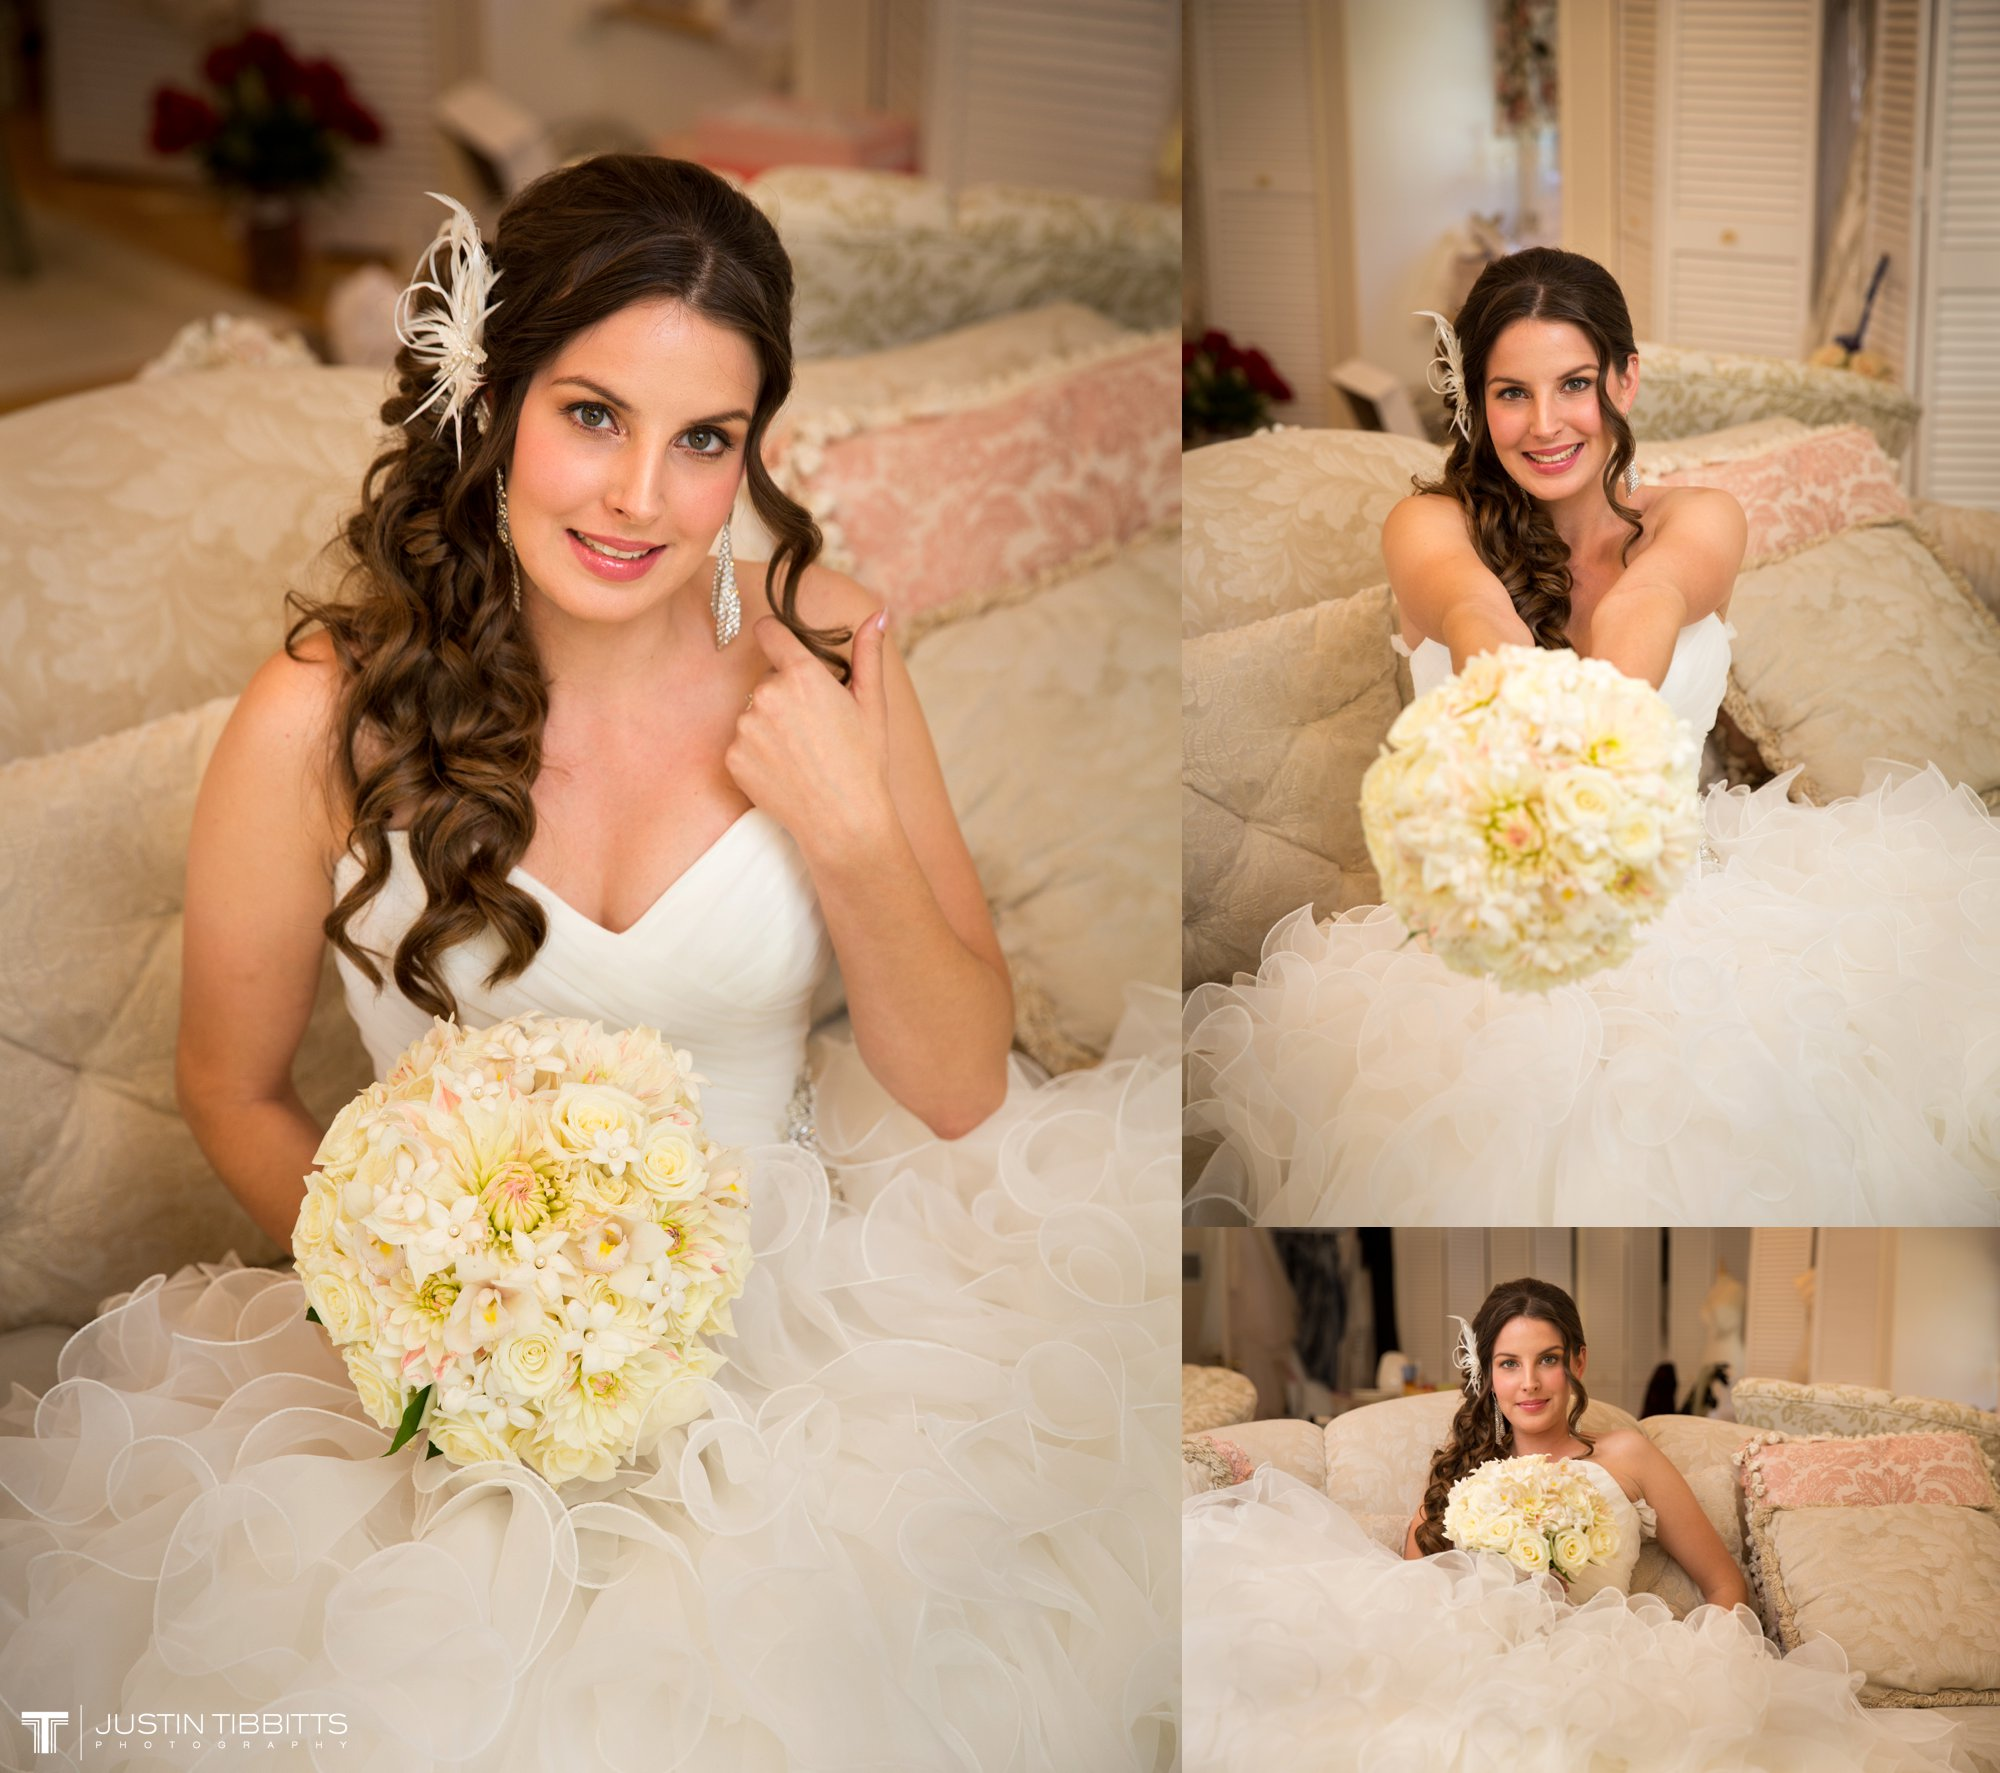 Albany NY Wedding Photographer Justin Tibbitts Photography Best of Albany NY Weddings 201493